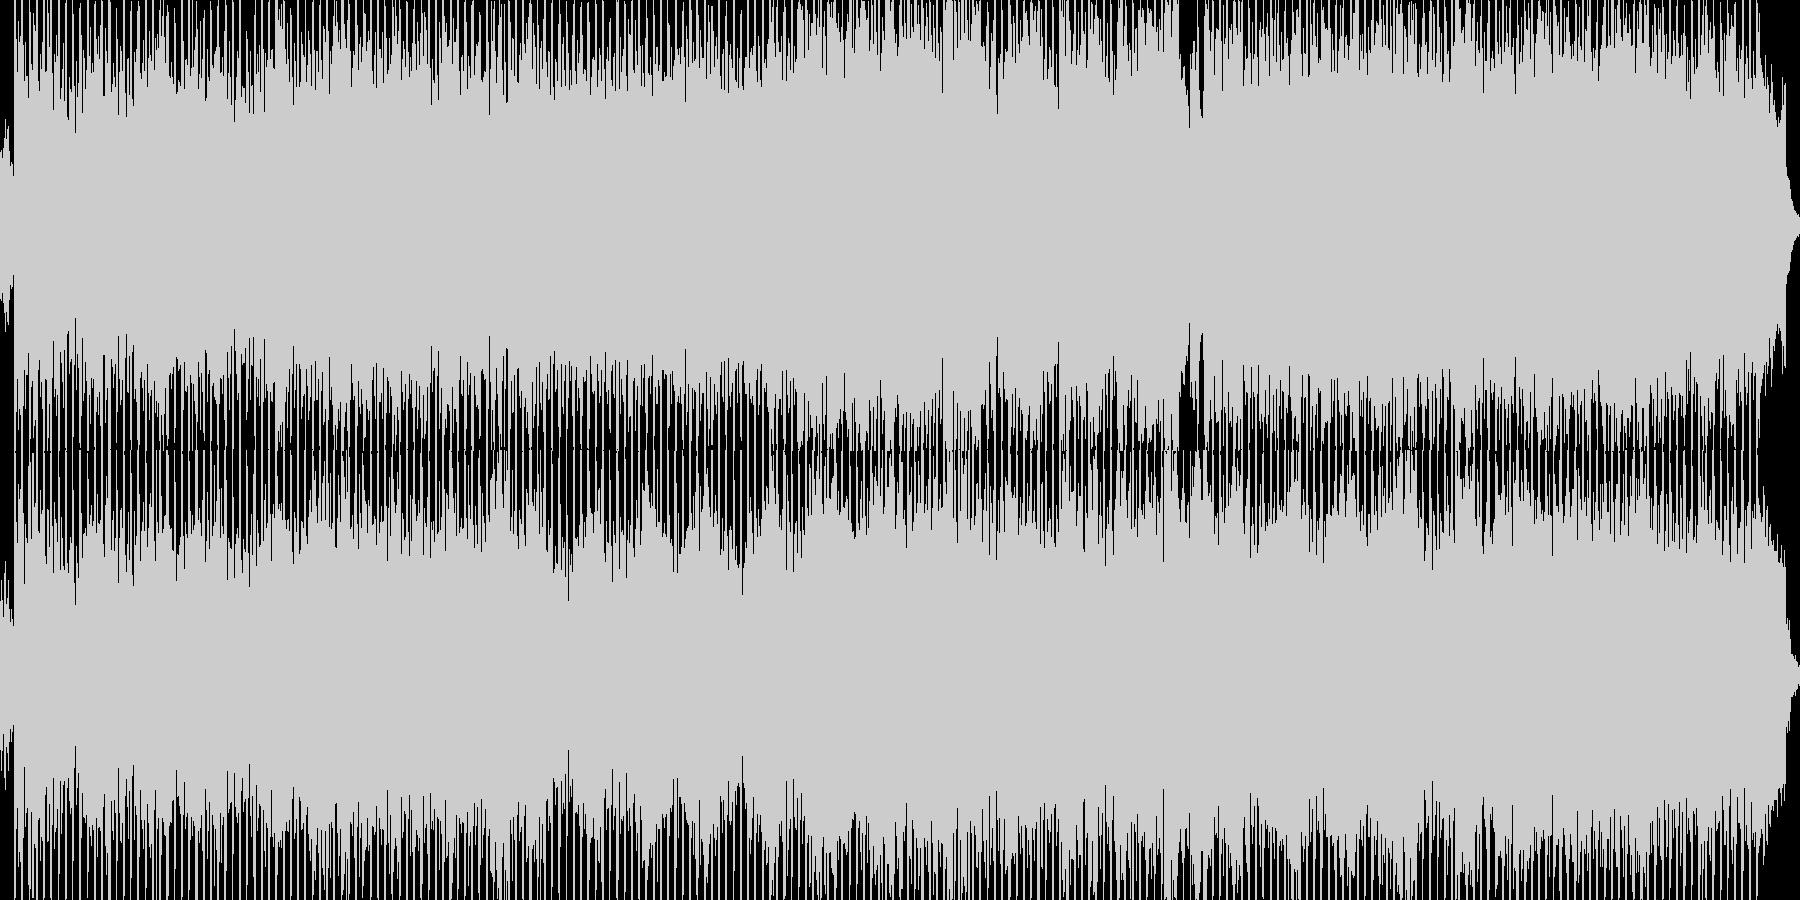 別れの曲/ポップアレンジの未再生の波形